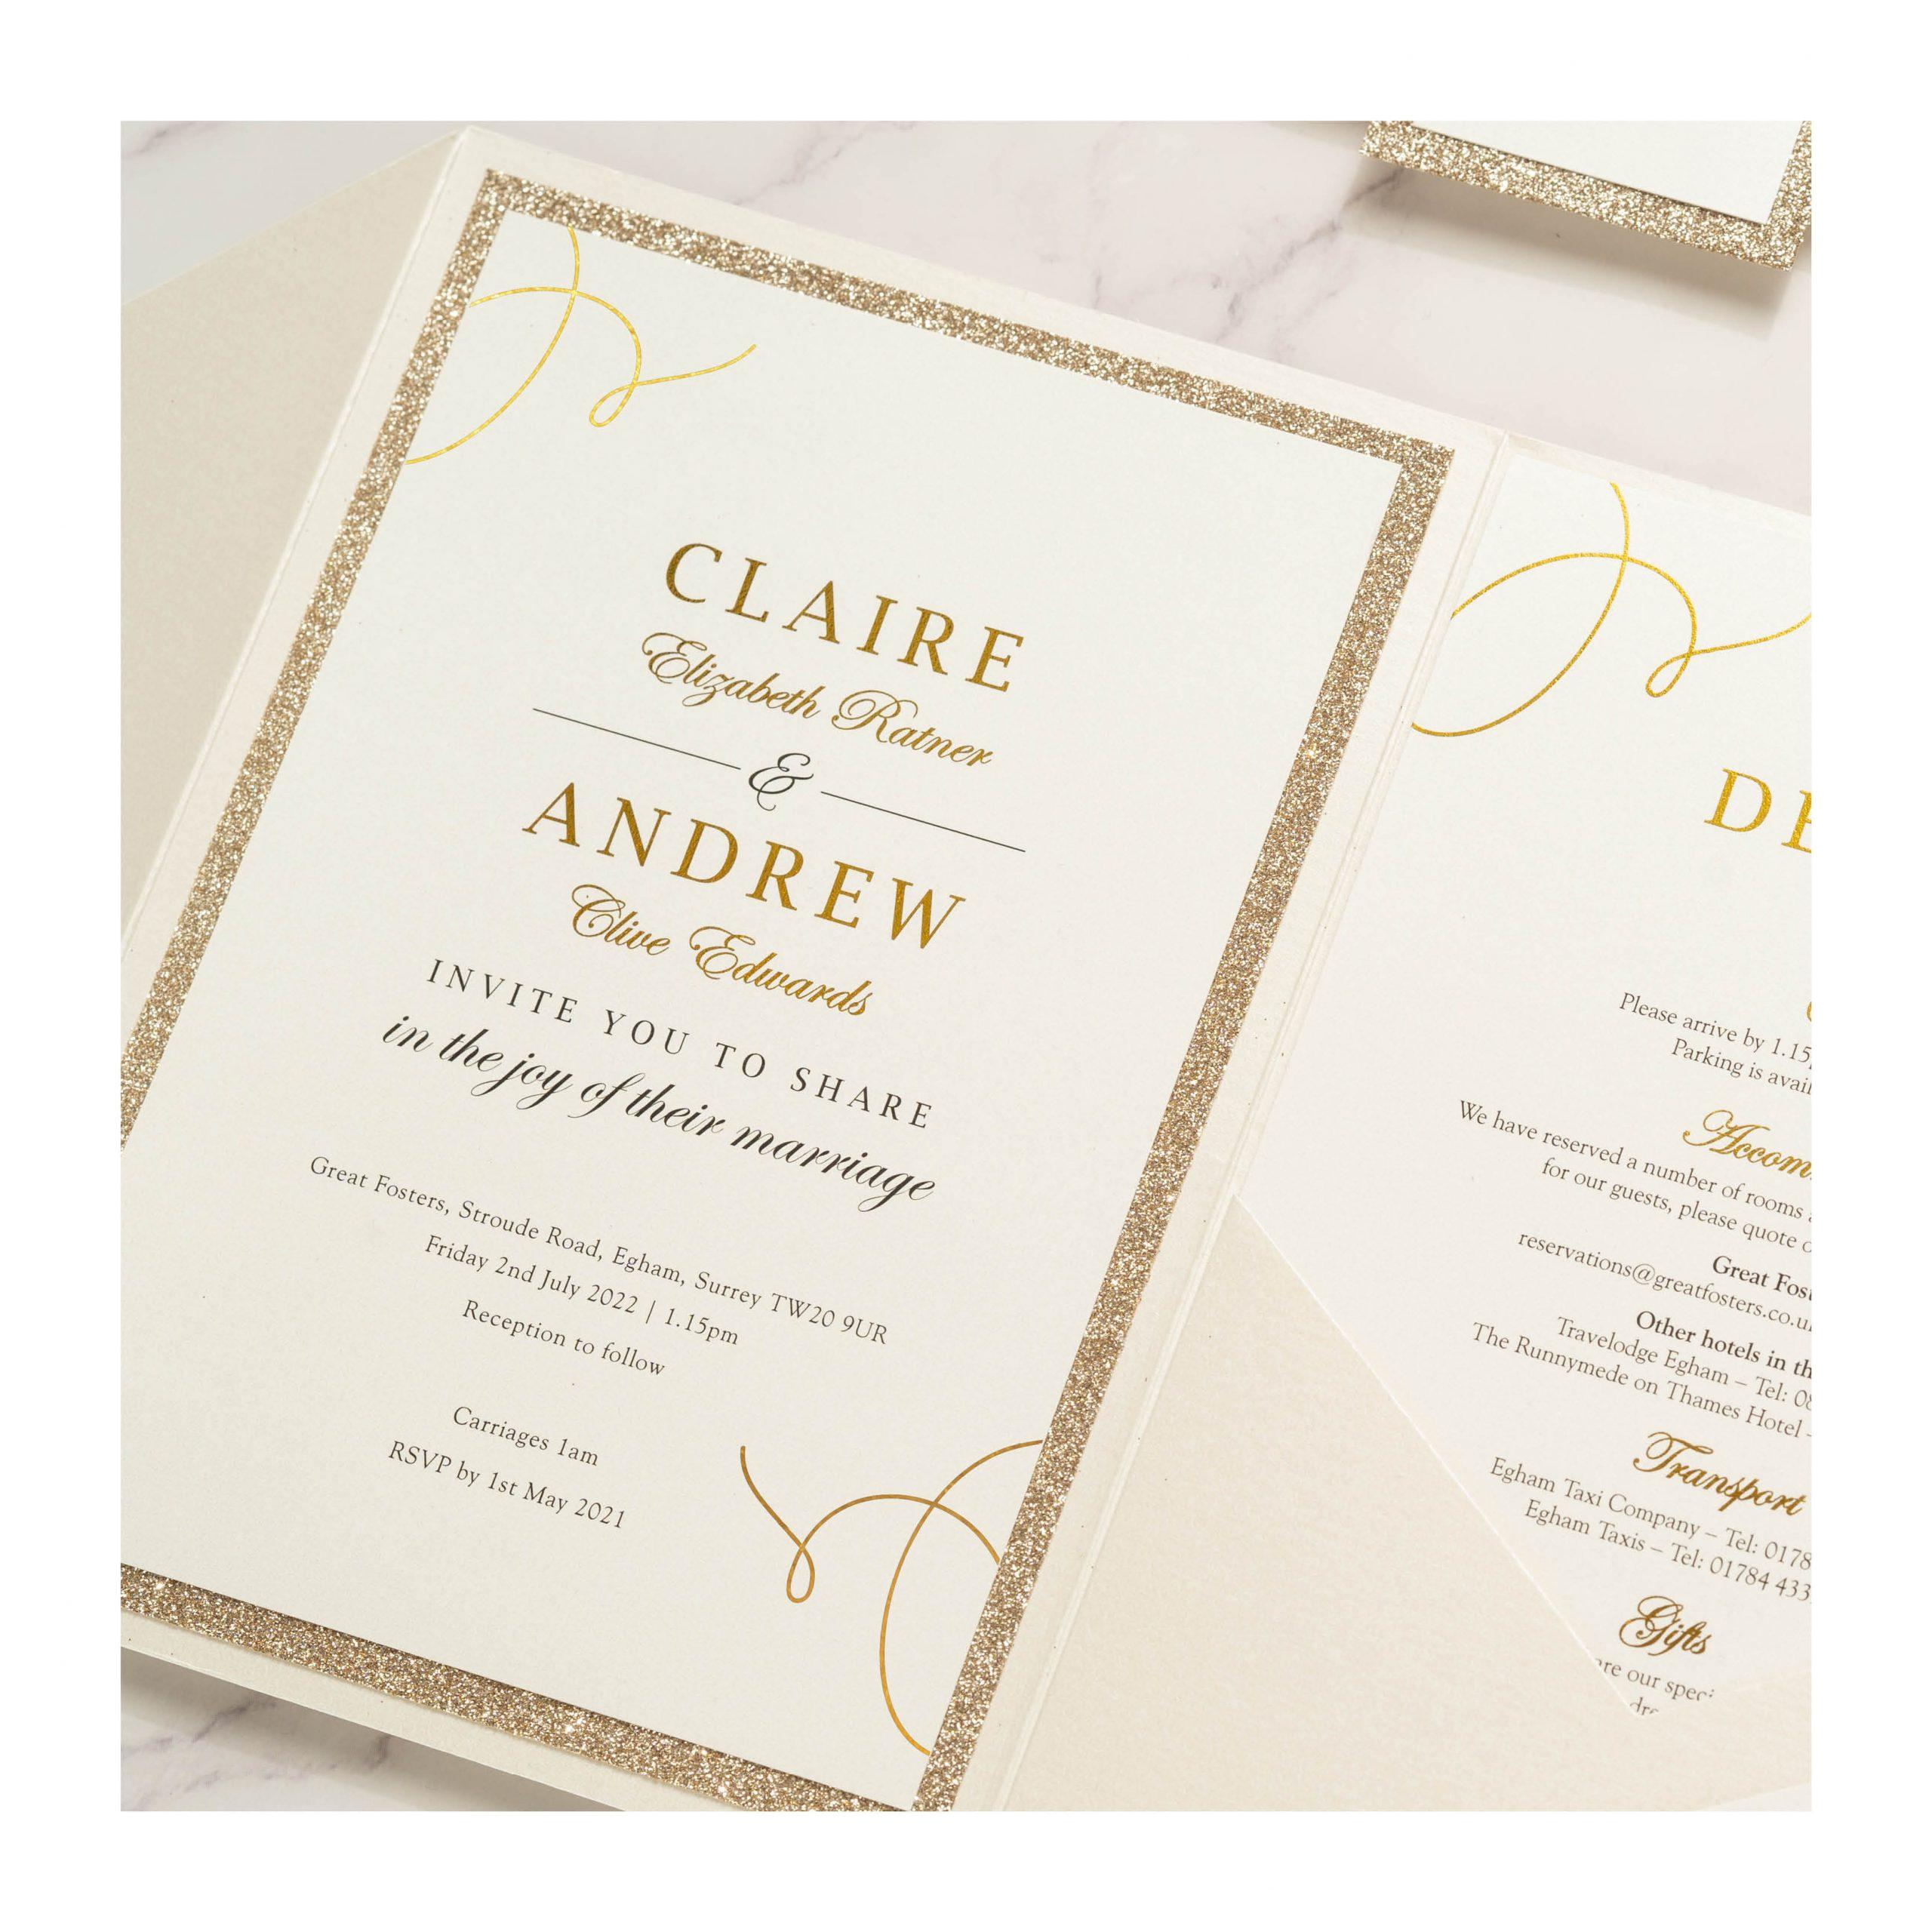 Elegance invite close up photo